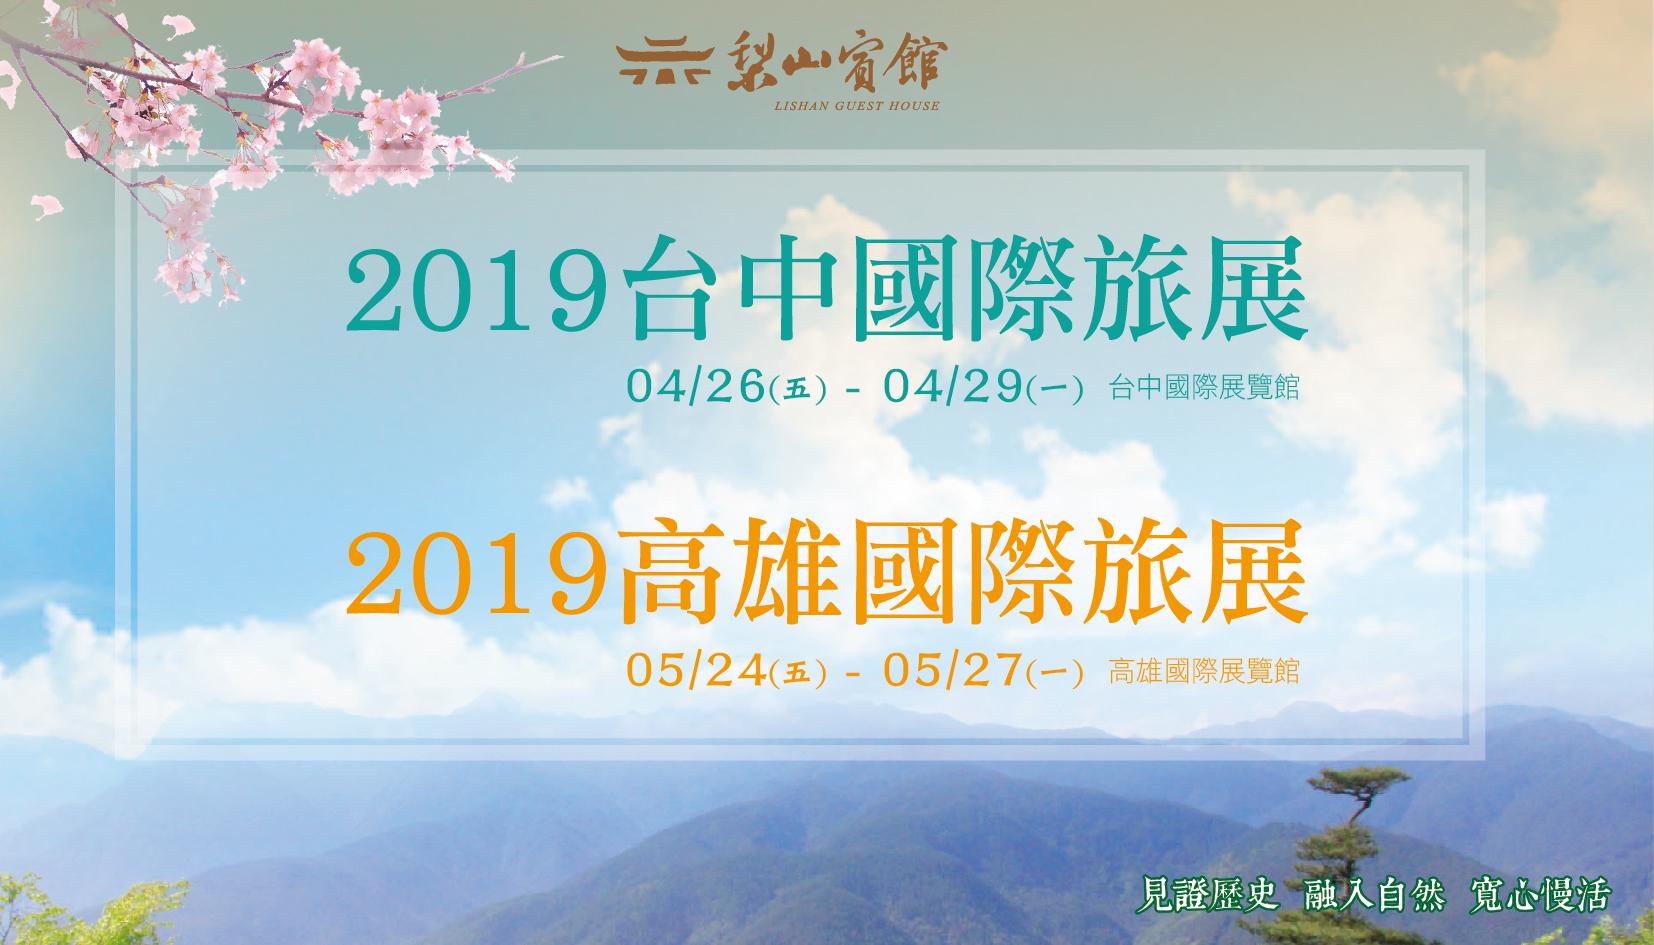 2019 台中旅展 與 高雄旅展